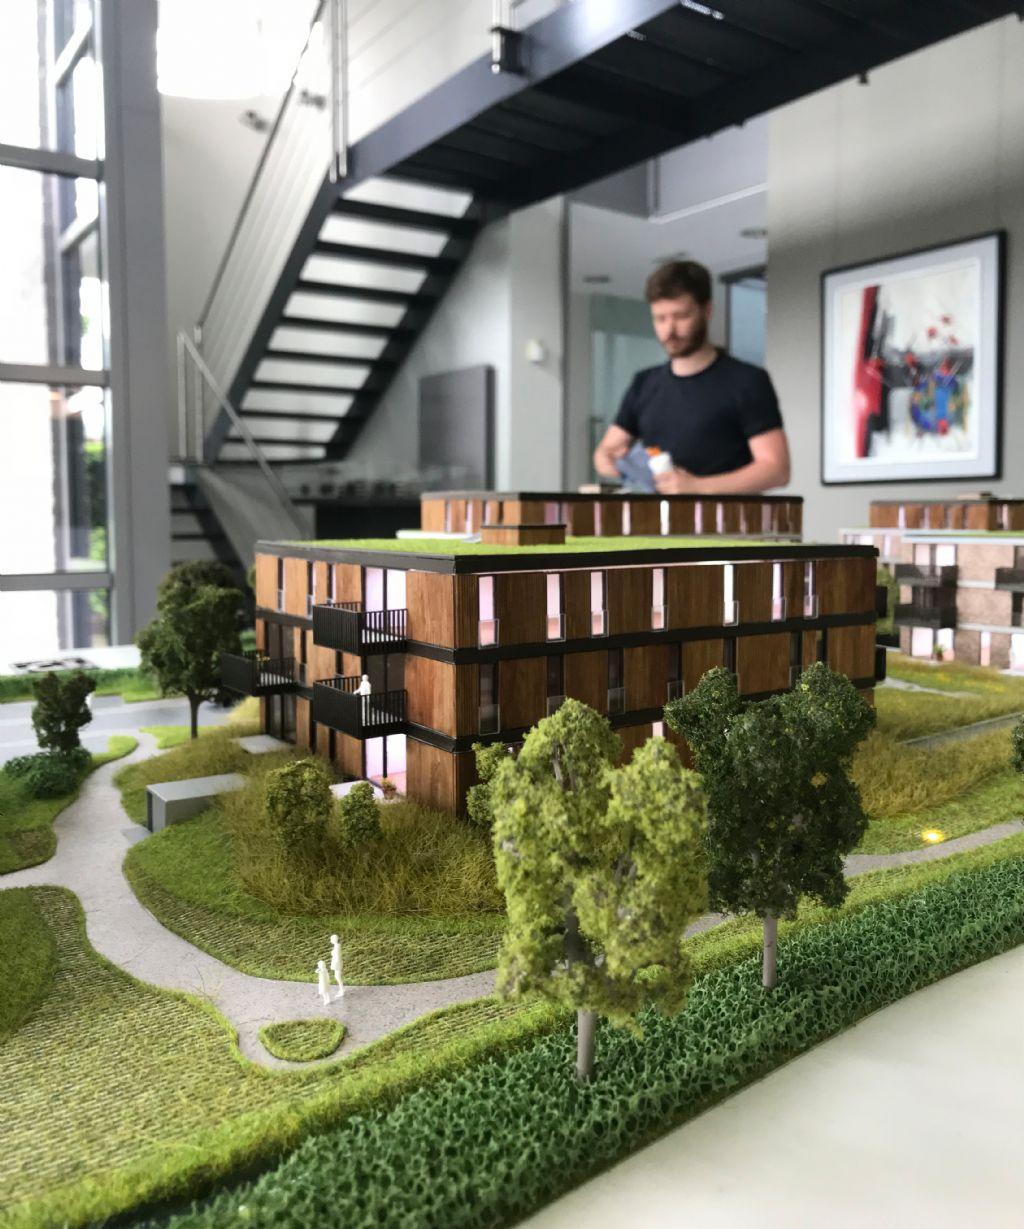 Cr3do bouwt eerste interactieve smartmaquette voor Bouwbedrijf Dethier